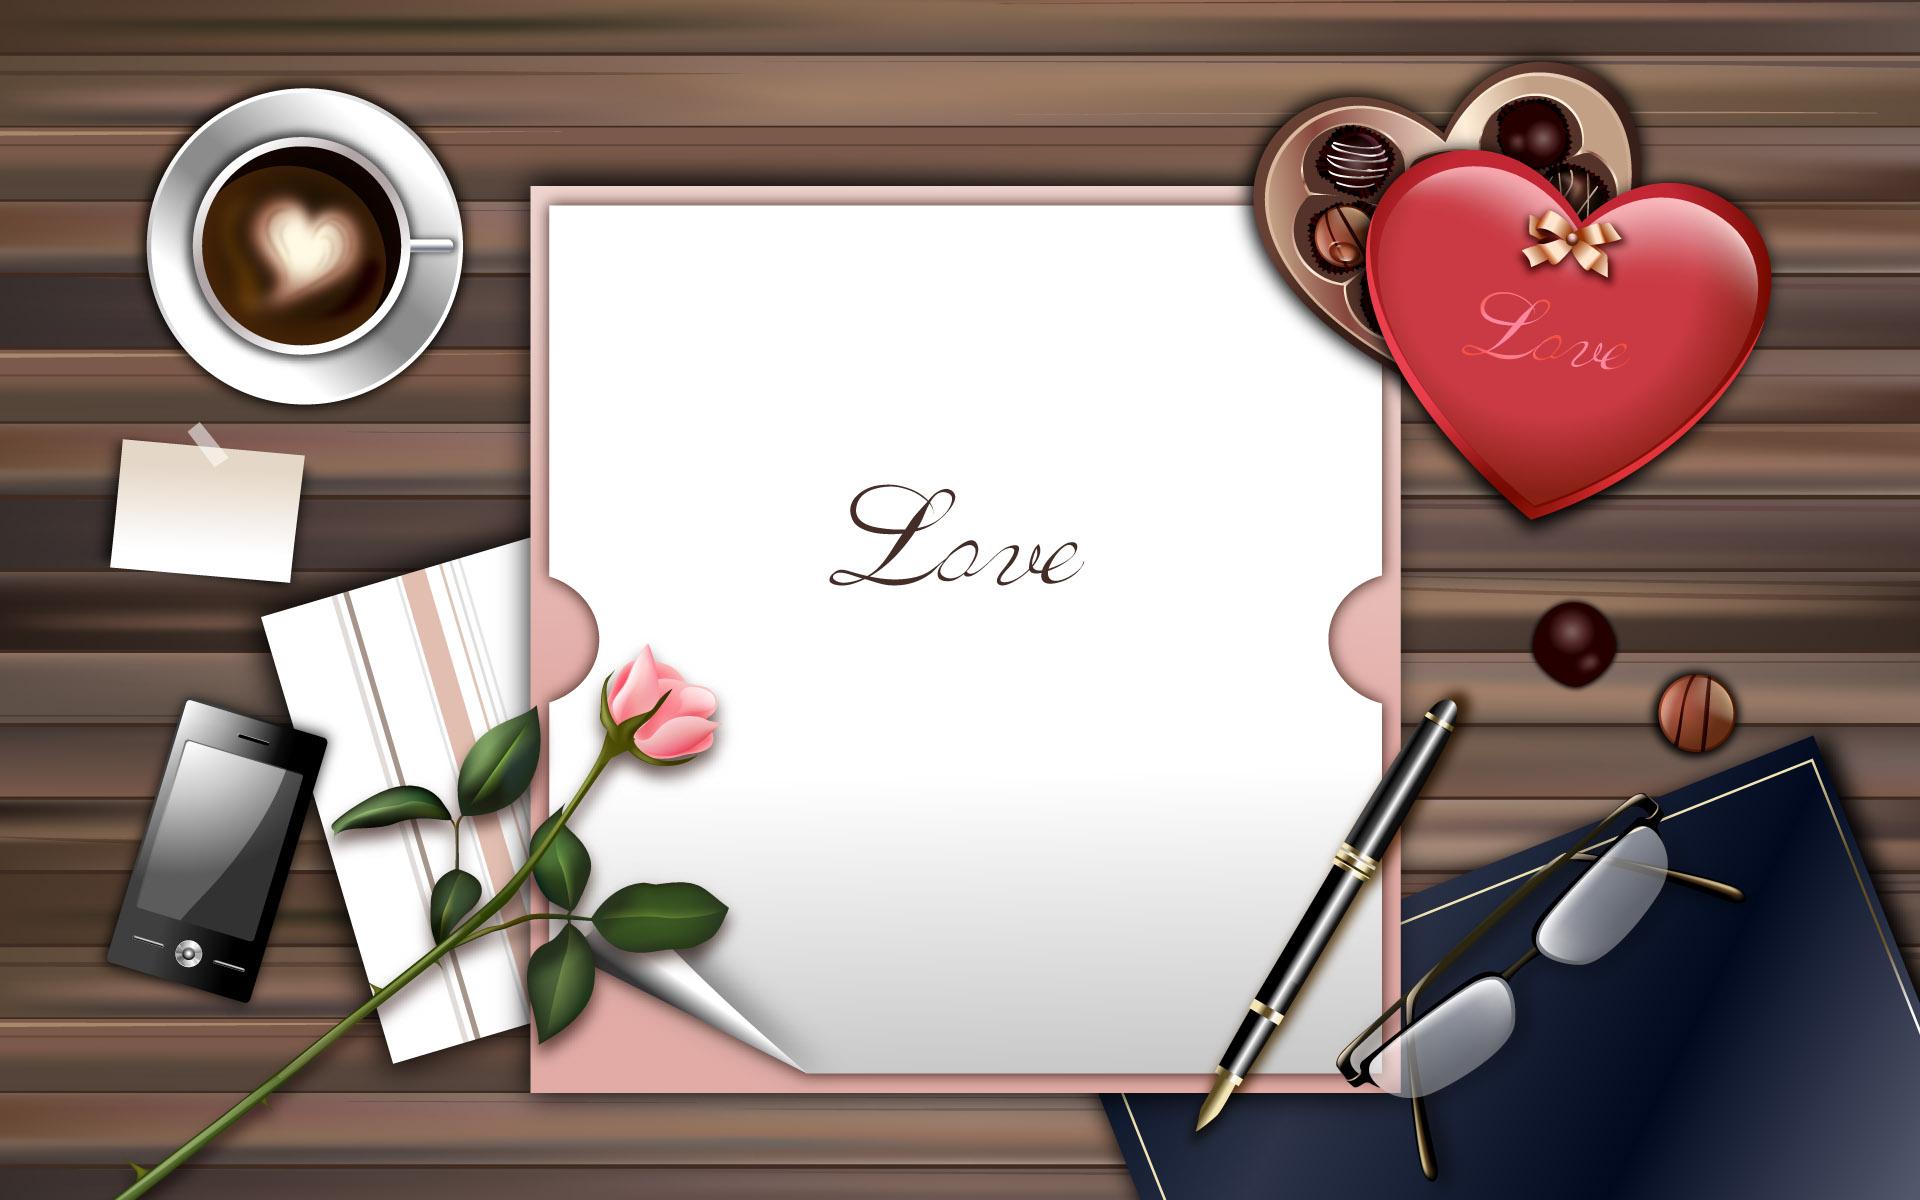 Фон для открытки любимому мужу, поздравлениями натальи красивые